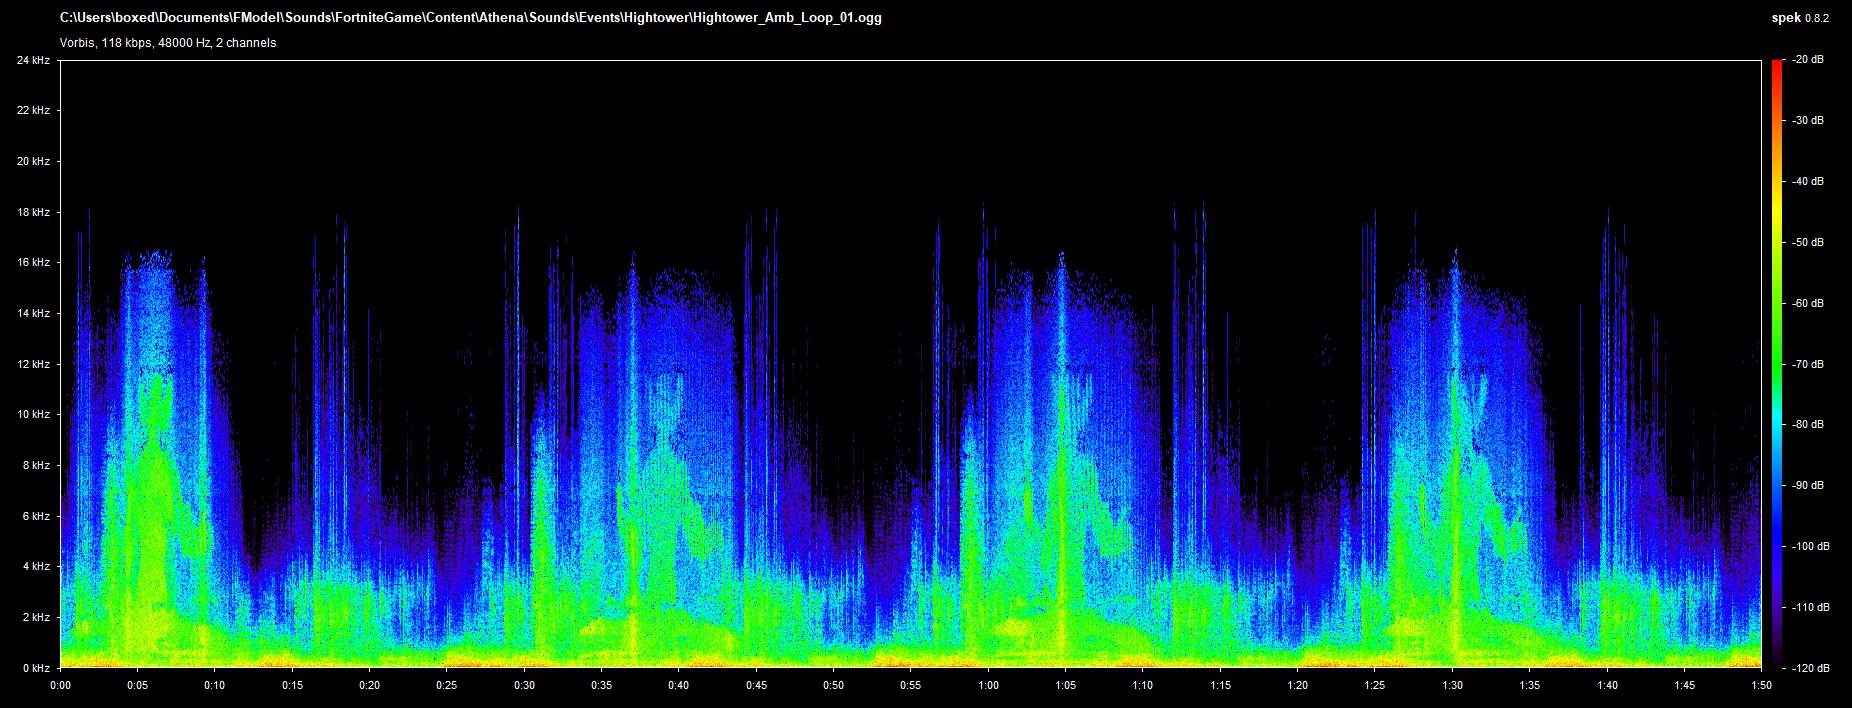 Fortnite audio spectogram for HighTower event